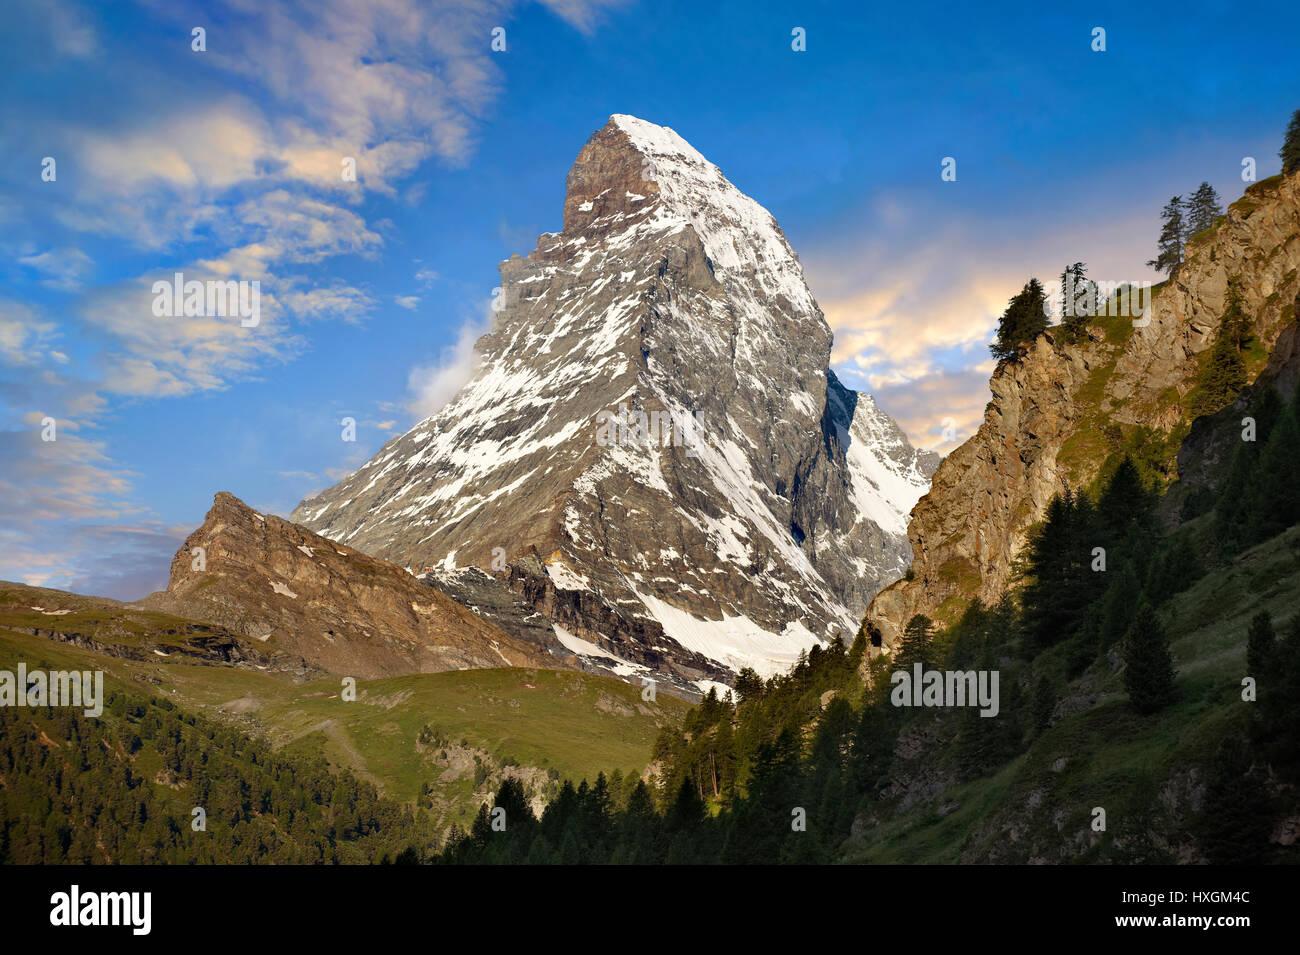 Il Matterhorn o Monte Cervino picco di montagna, Zermatt, Svizzera Immagini Stock